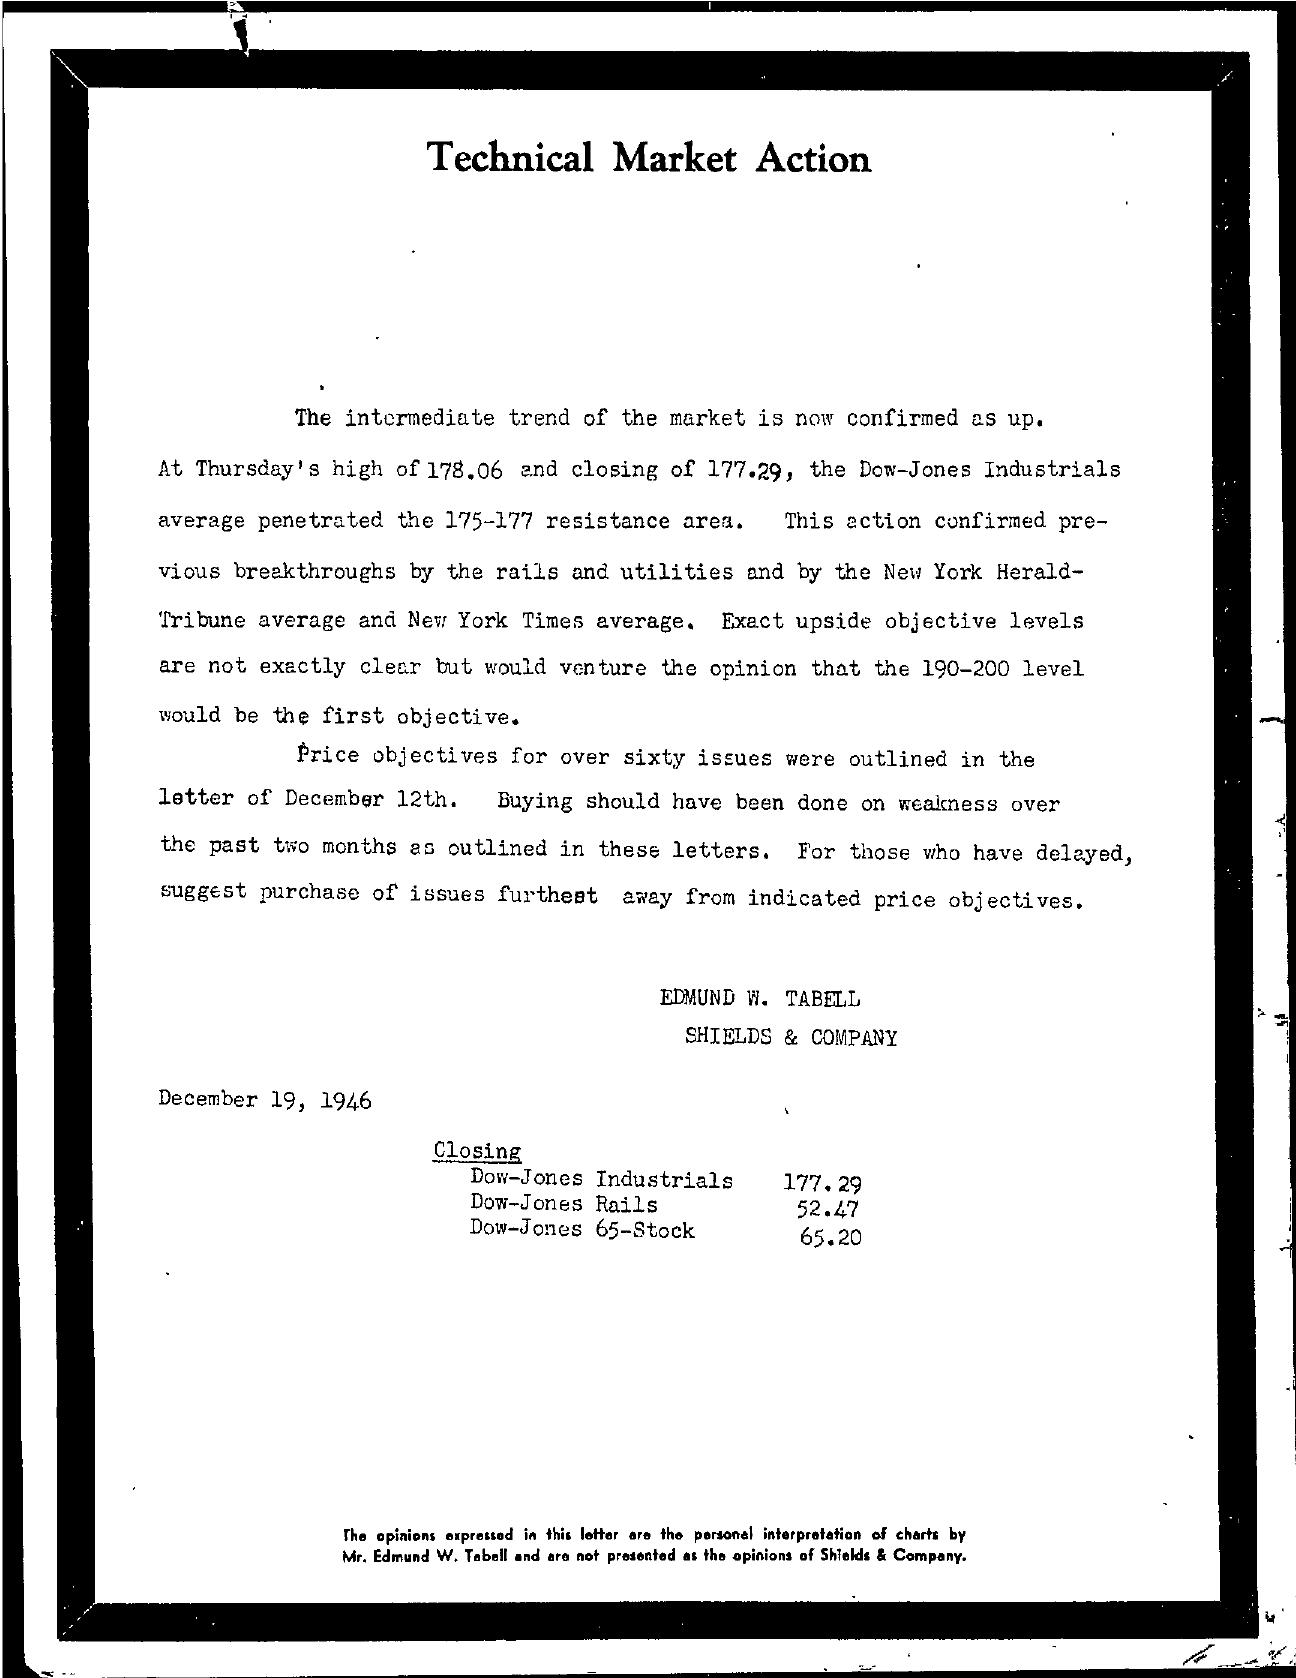 Tabell's Market Letter - December 19, 1946